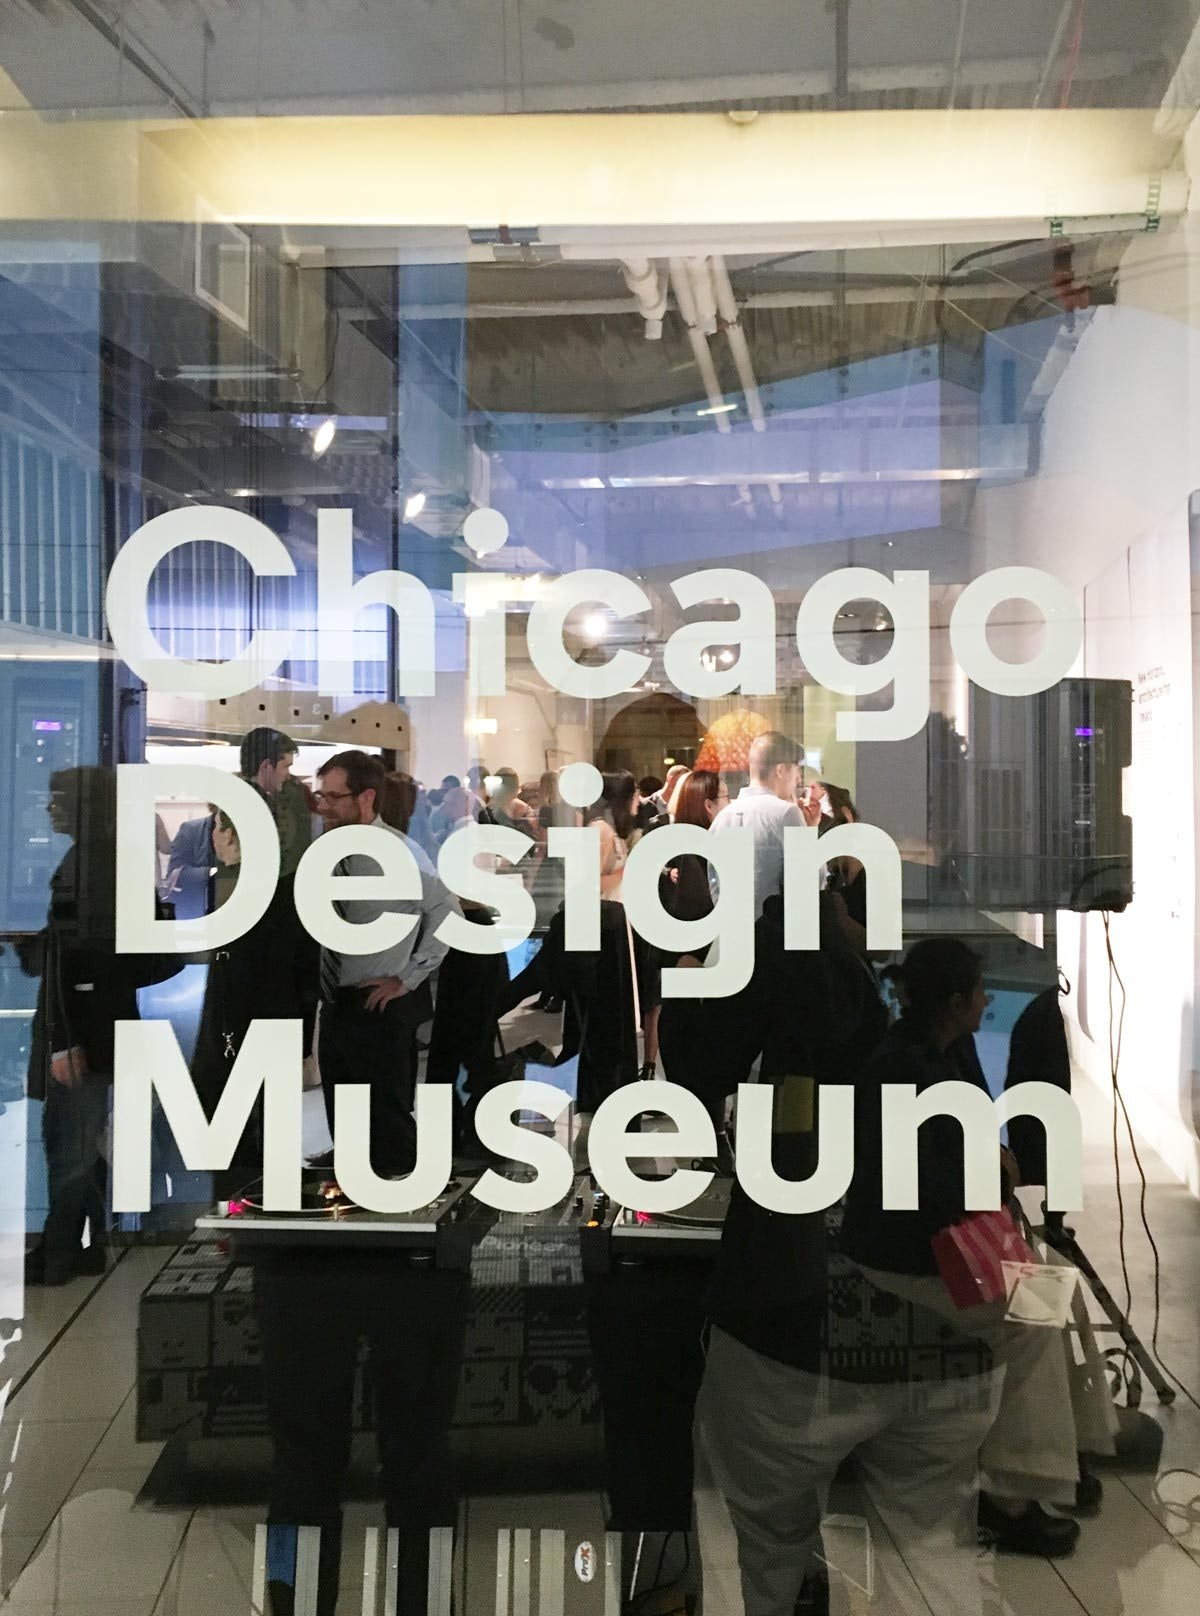 Design Museum of Chicago